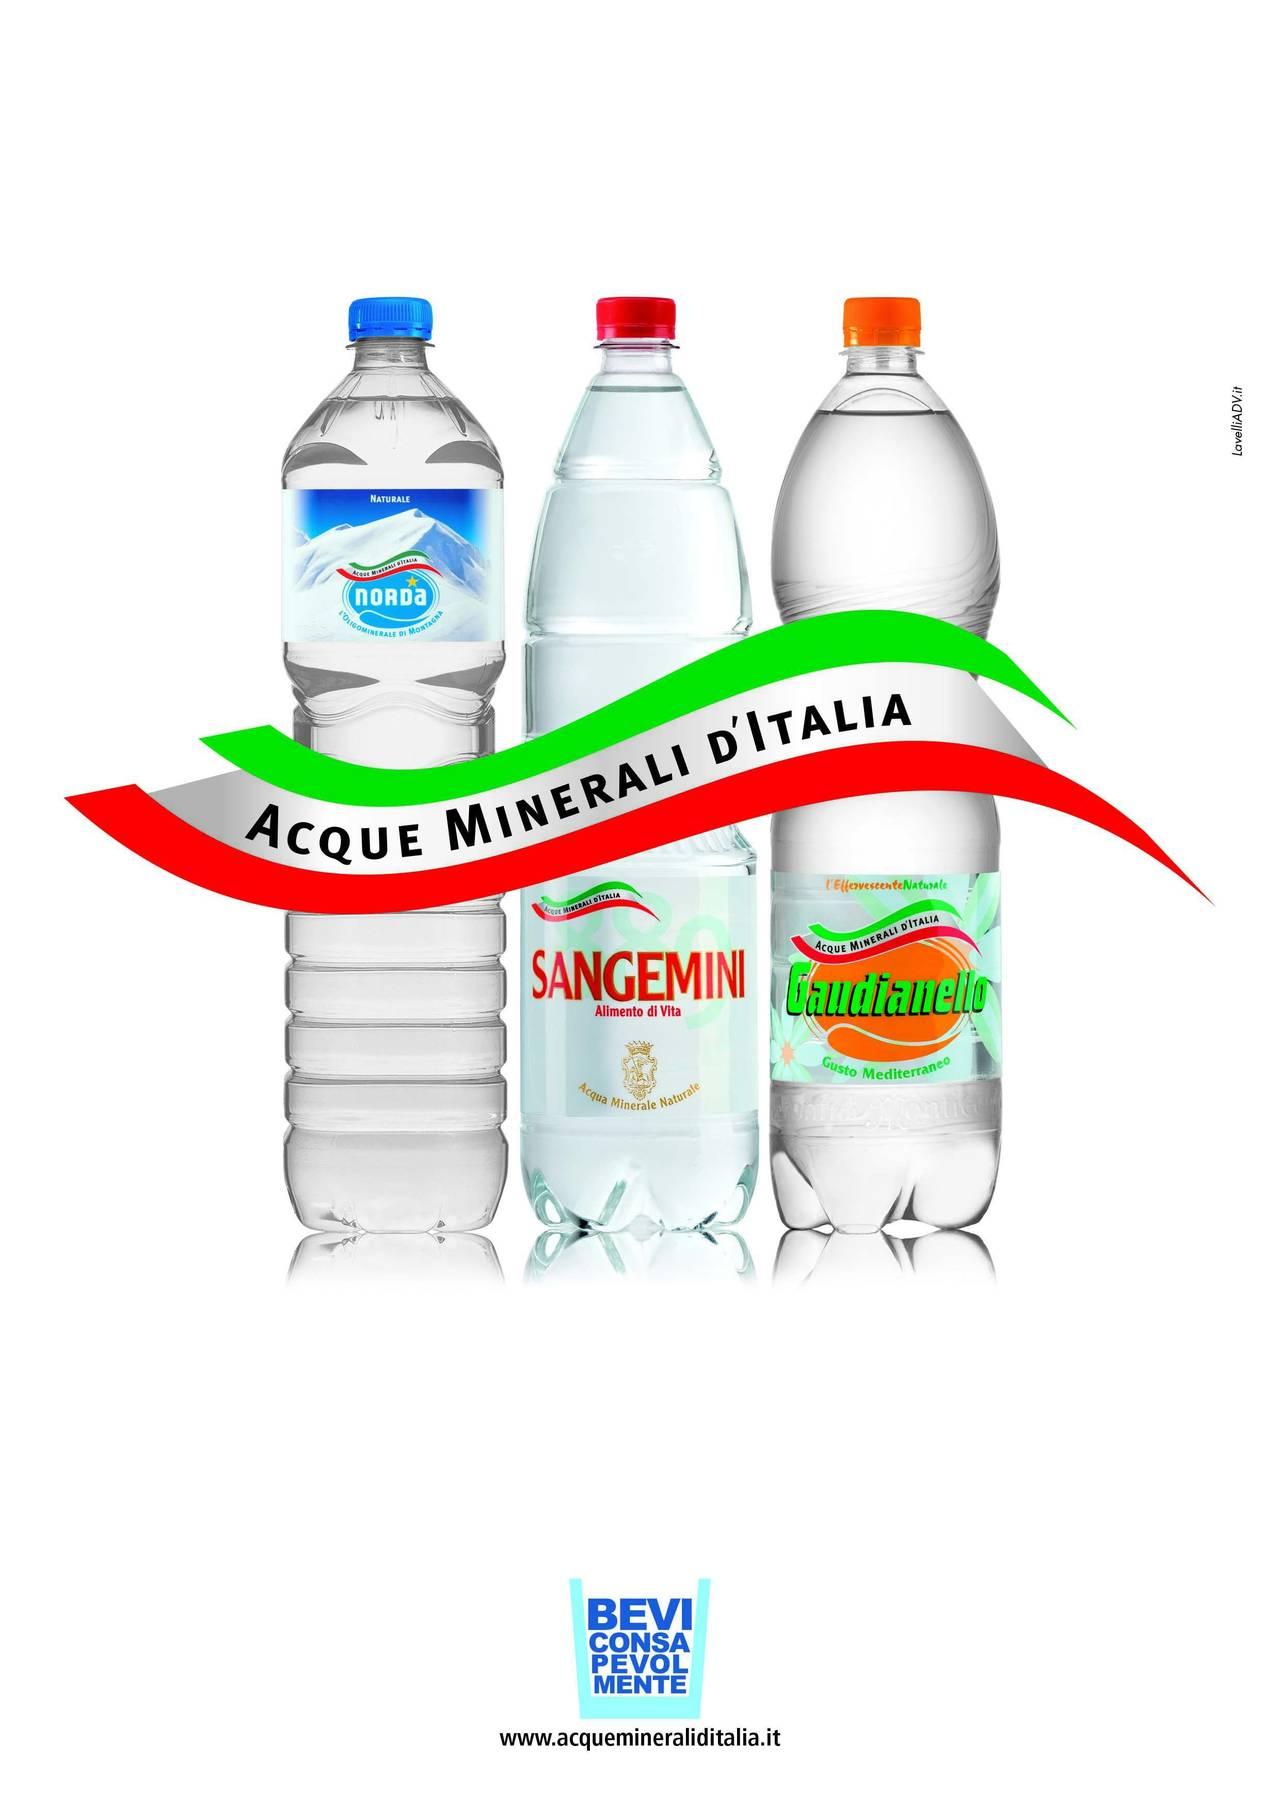 Norda nasce acque minerali d 39 italia mark up for Acque pure italia opinioni